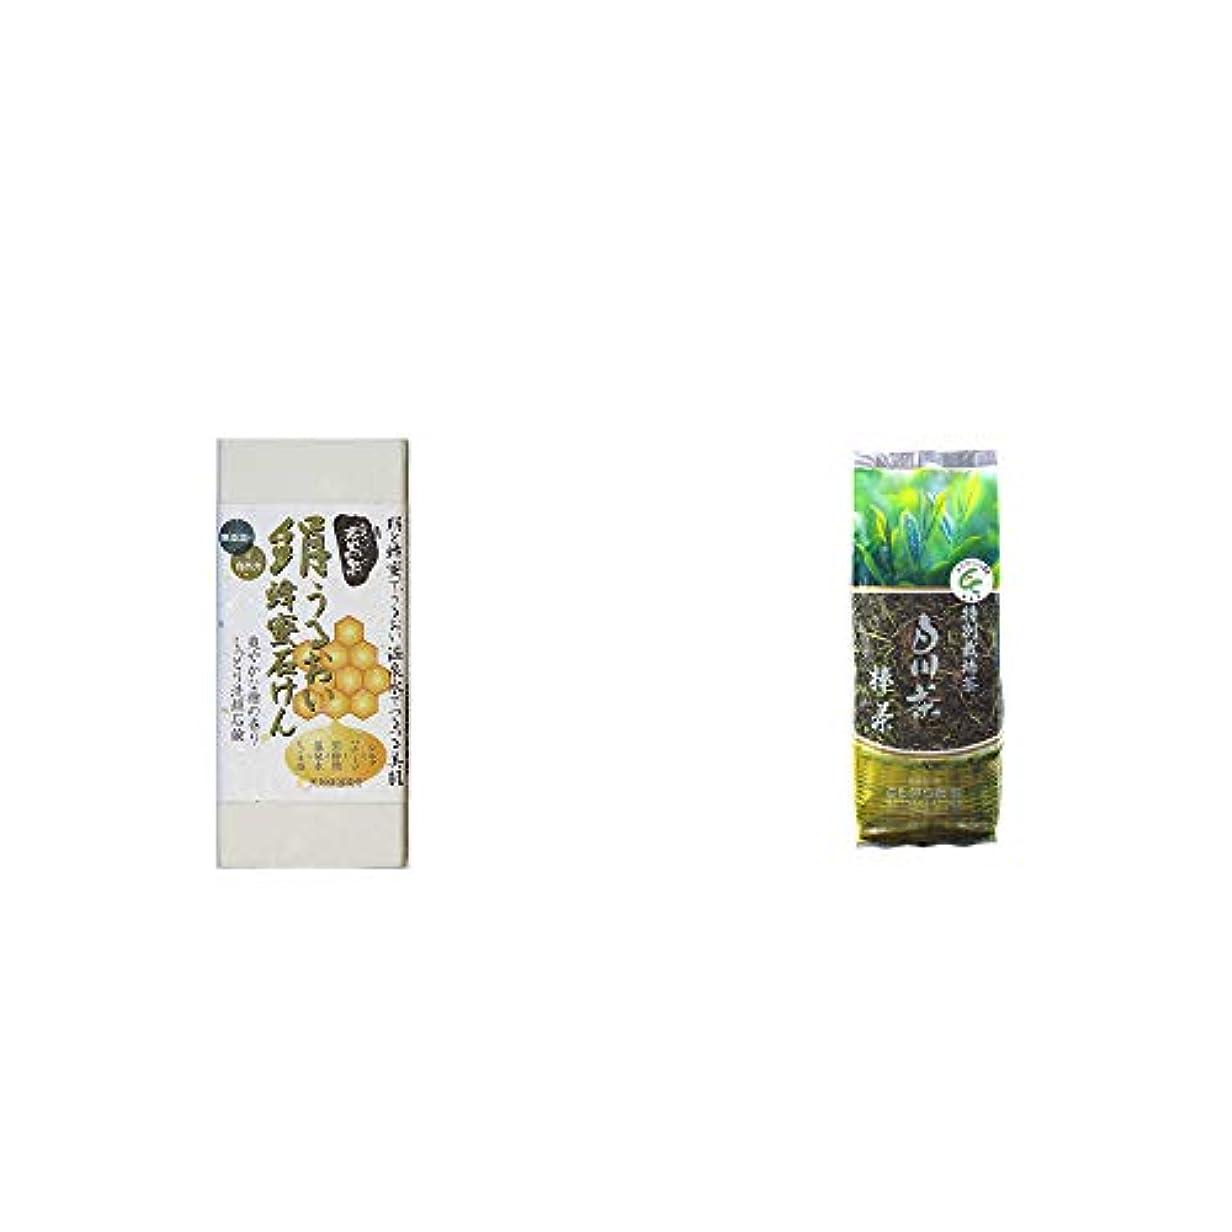 事実上進む官僚[2点セット] ひのき炭黒泉 絹うるおい蜂蜜石けん(75g×2)?白川茶 特別栽培茶【棒茶】(150g)